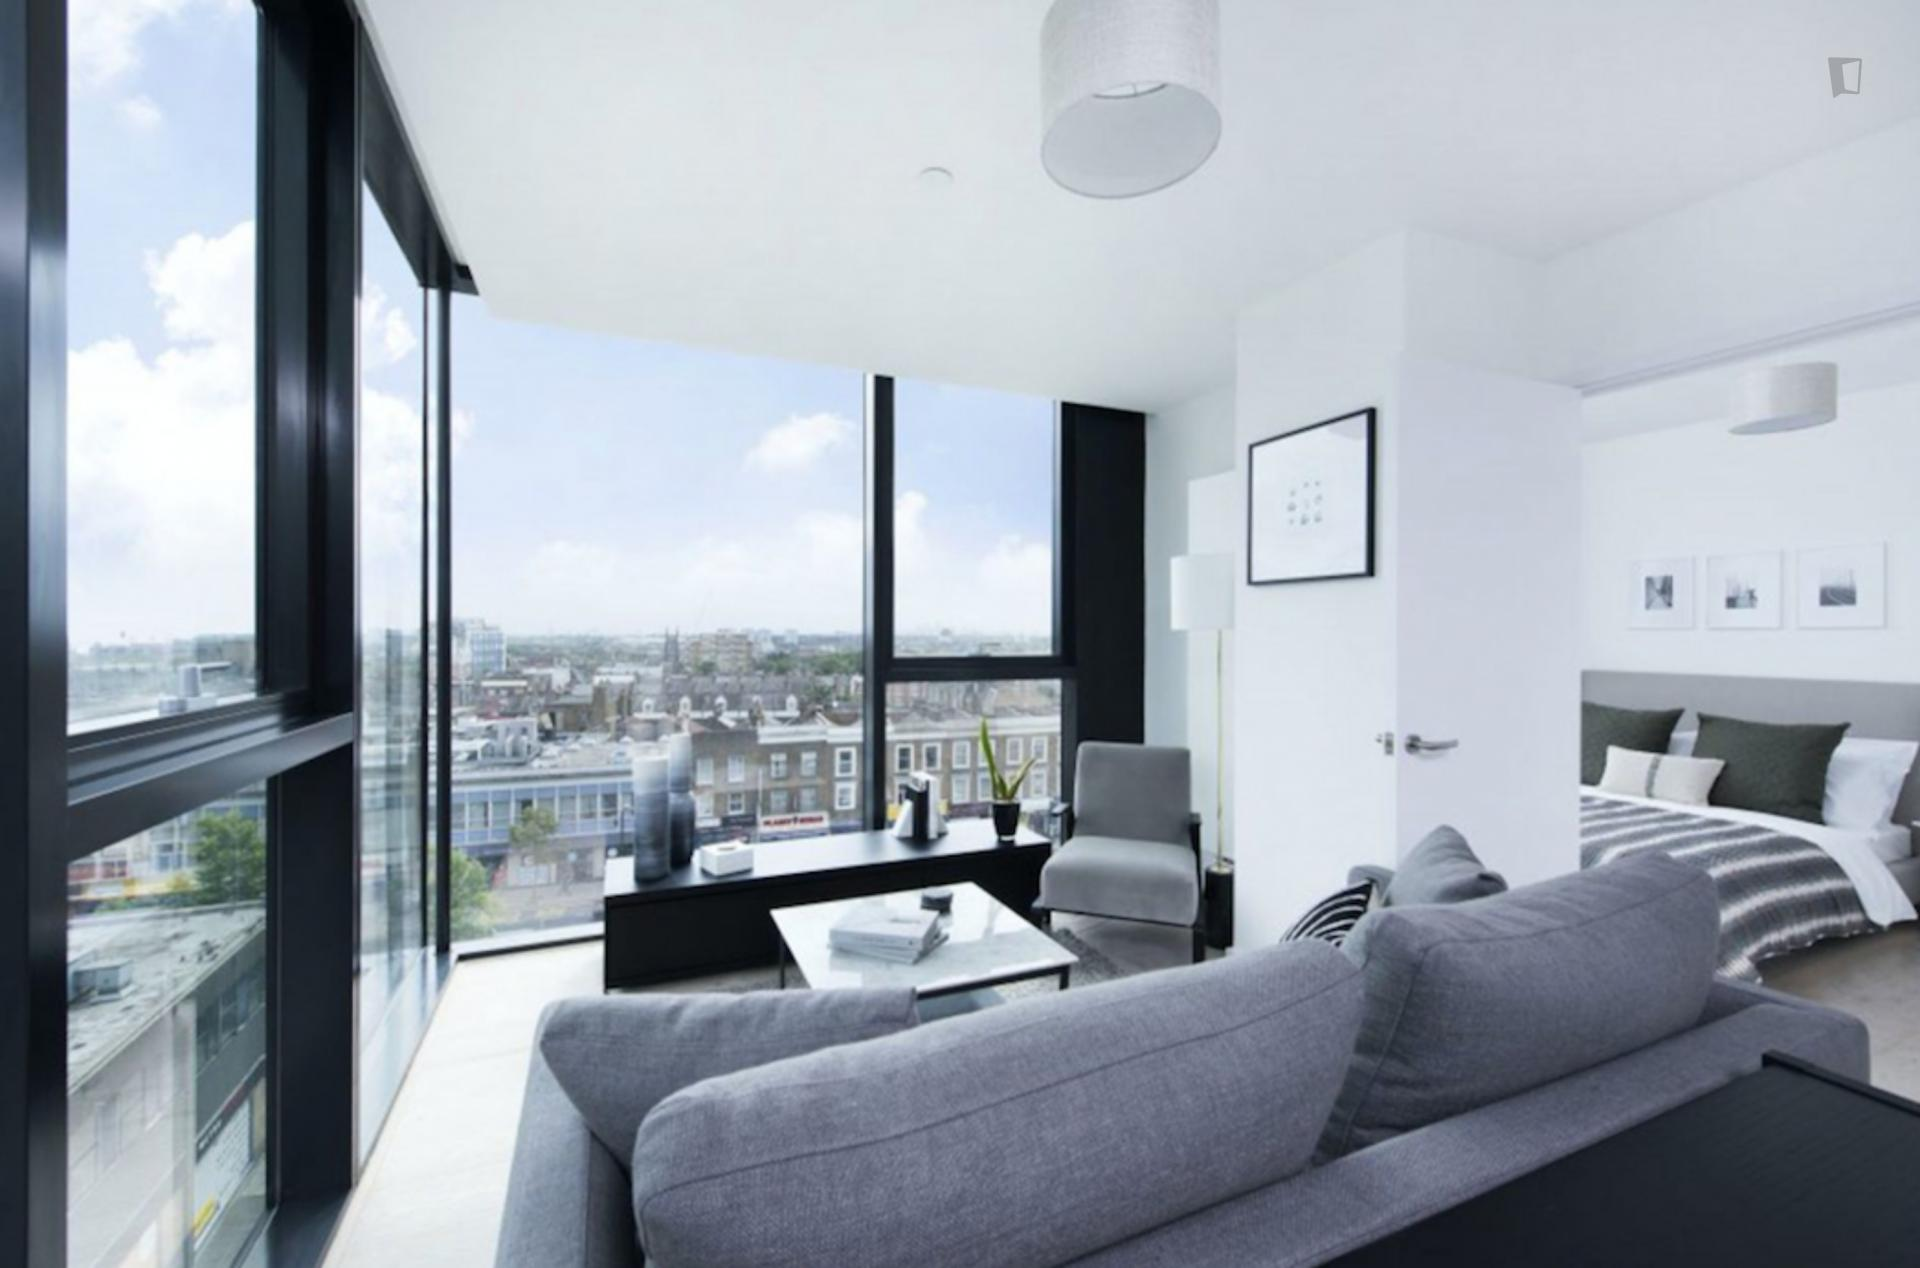 Archway 2 - Appealing studio in London